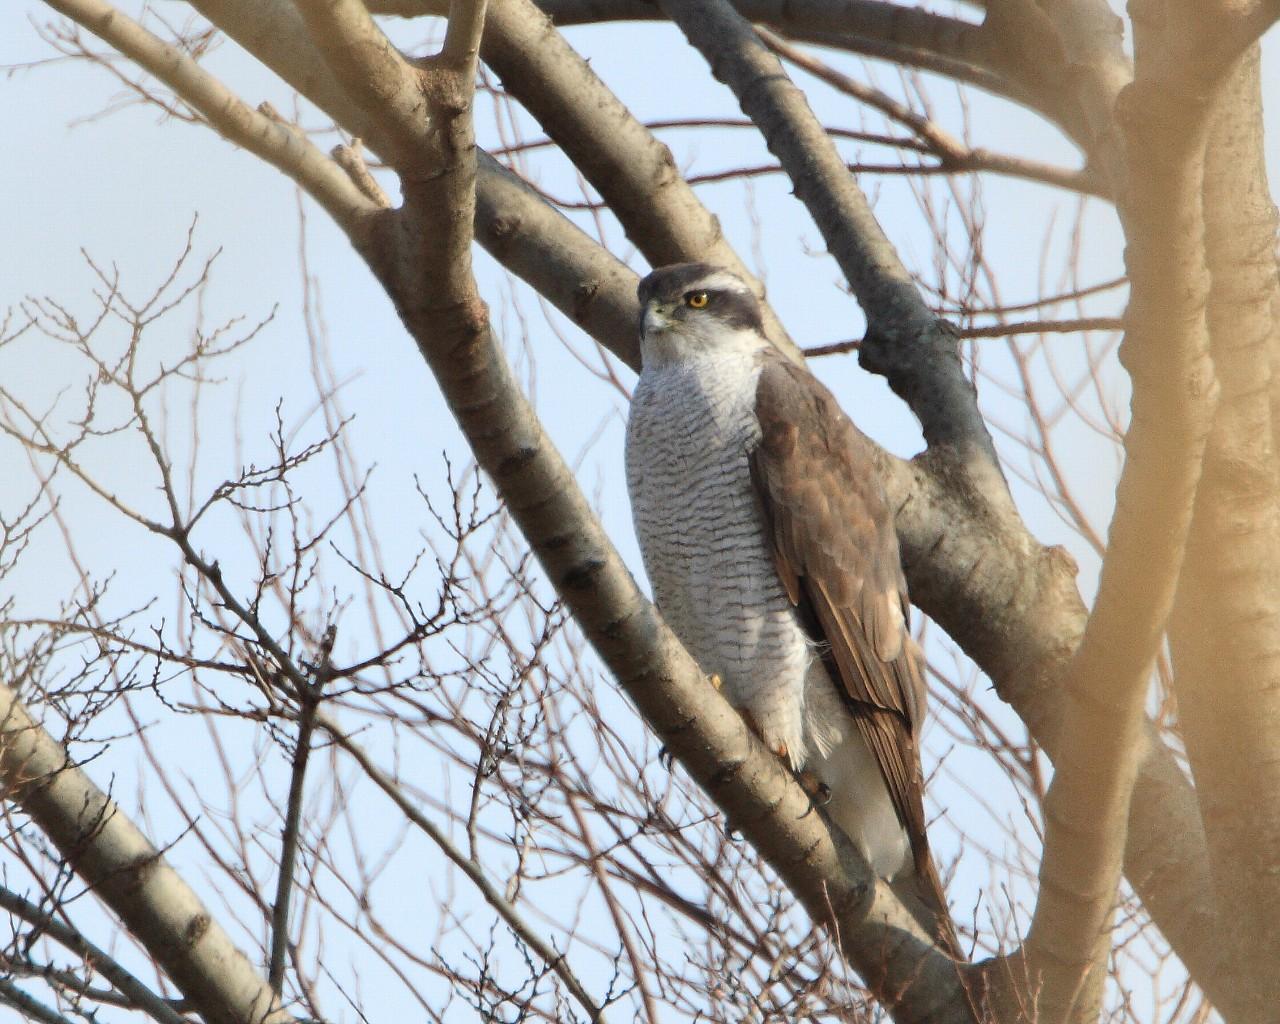 ムジセッカ(?)のポイントに居たオオタカ成鳥雌_f0105570_21374373.jpg